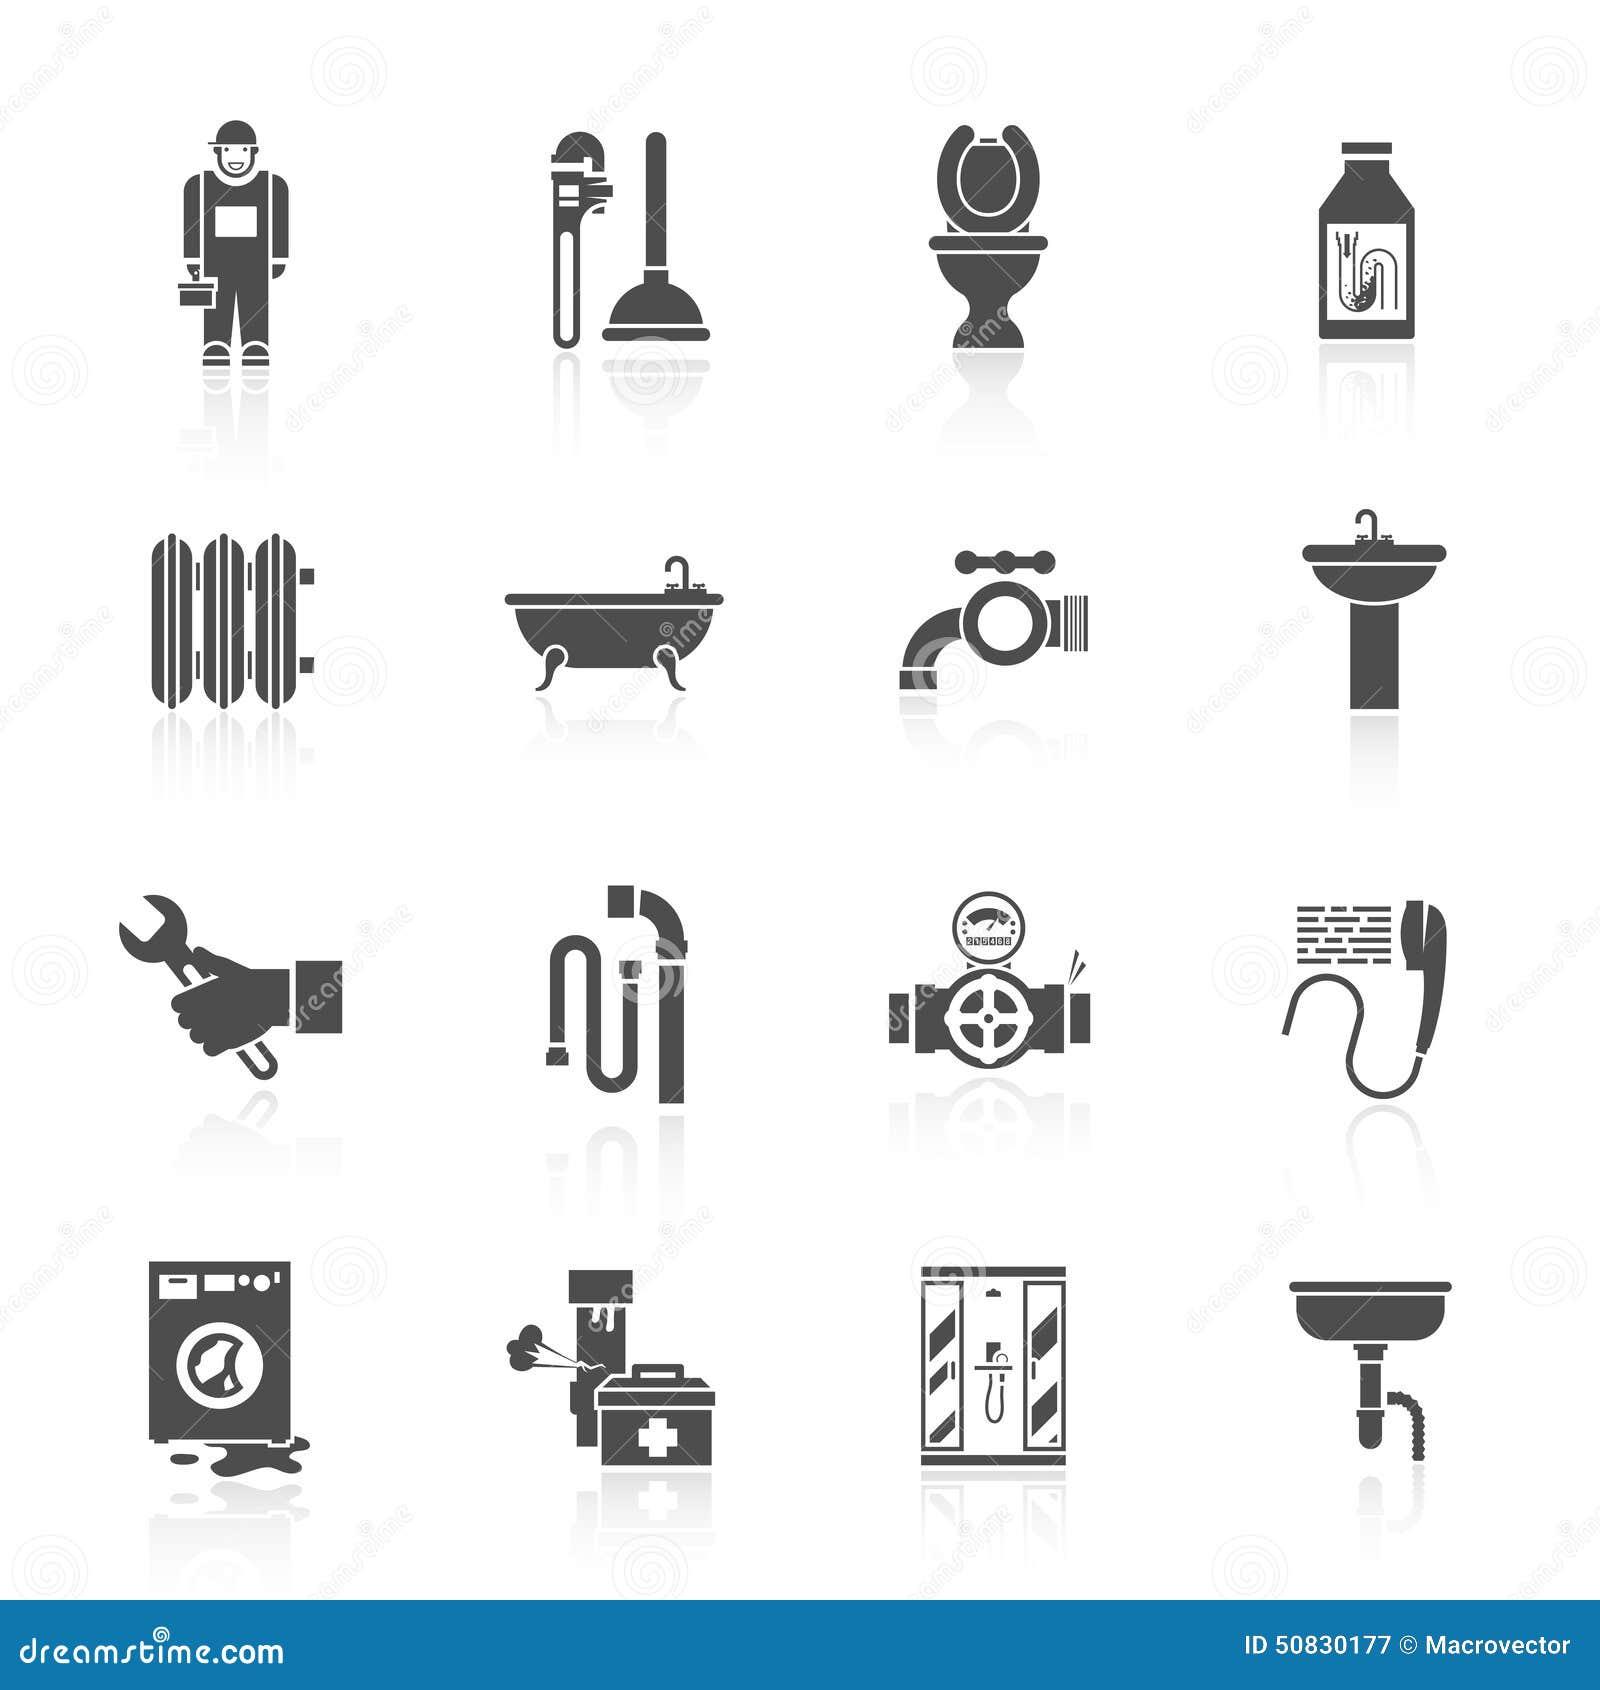 Plumbing Icons Set Stock Vector Image 50830177